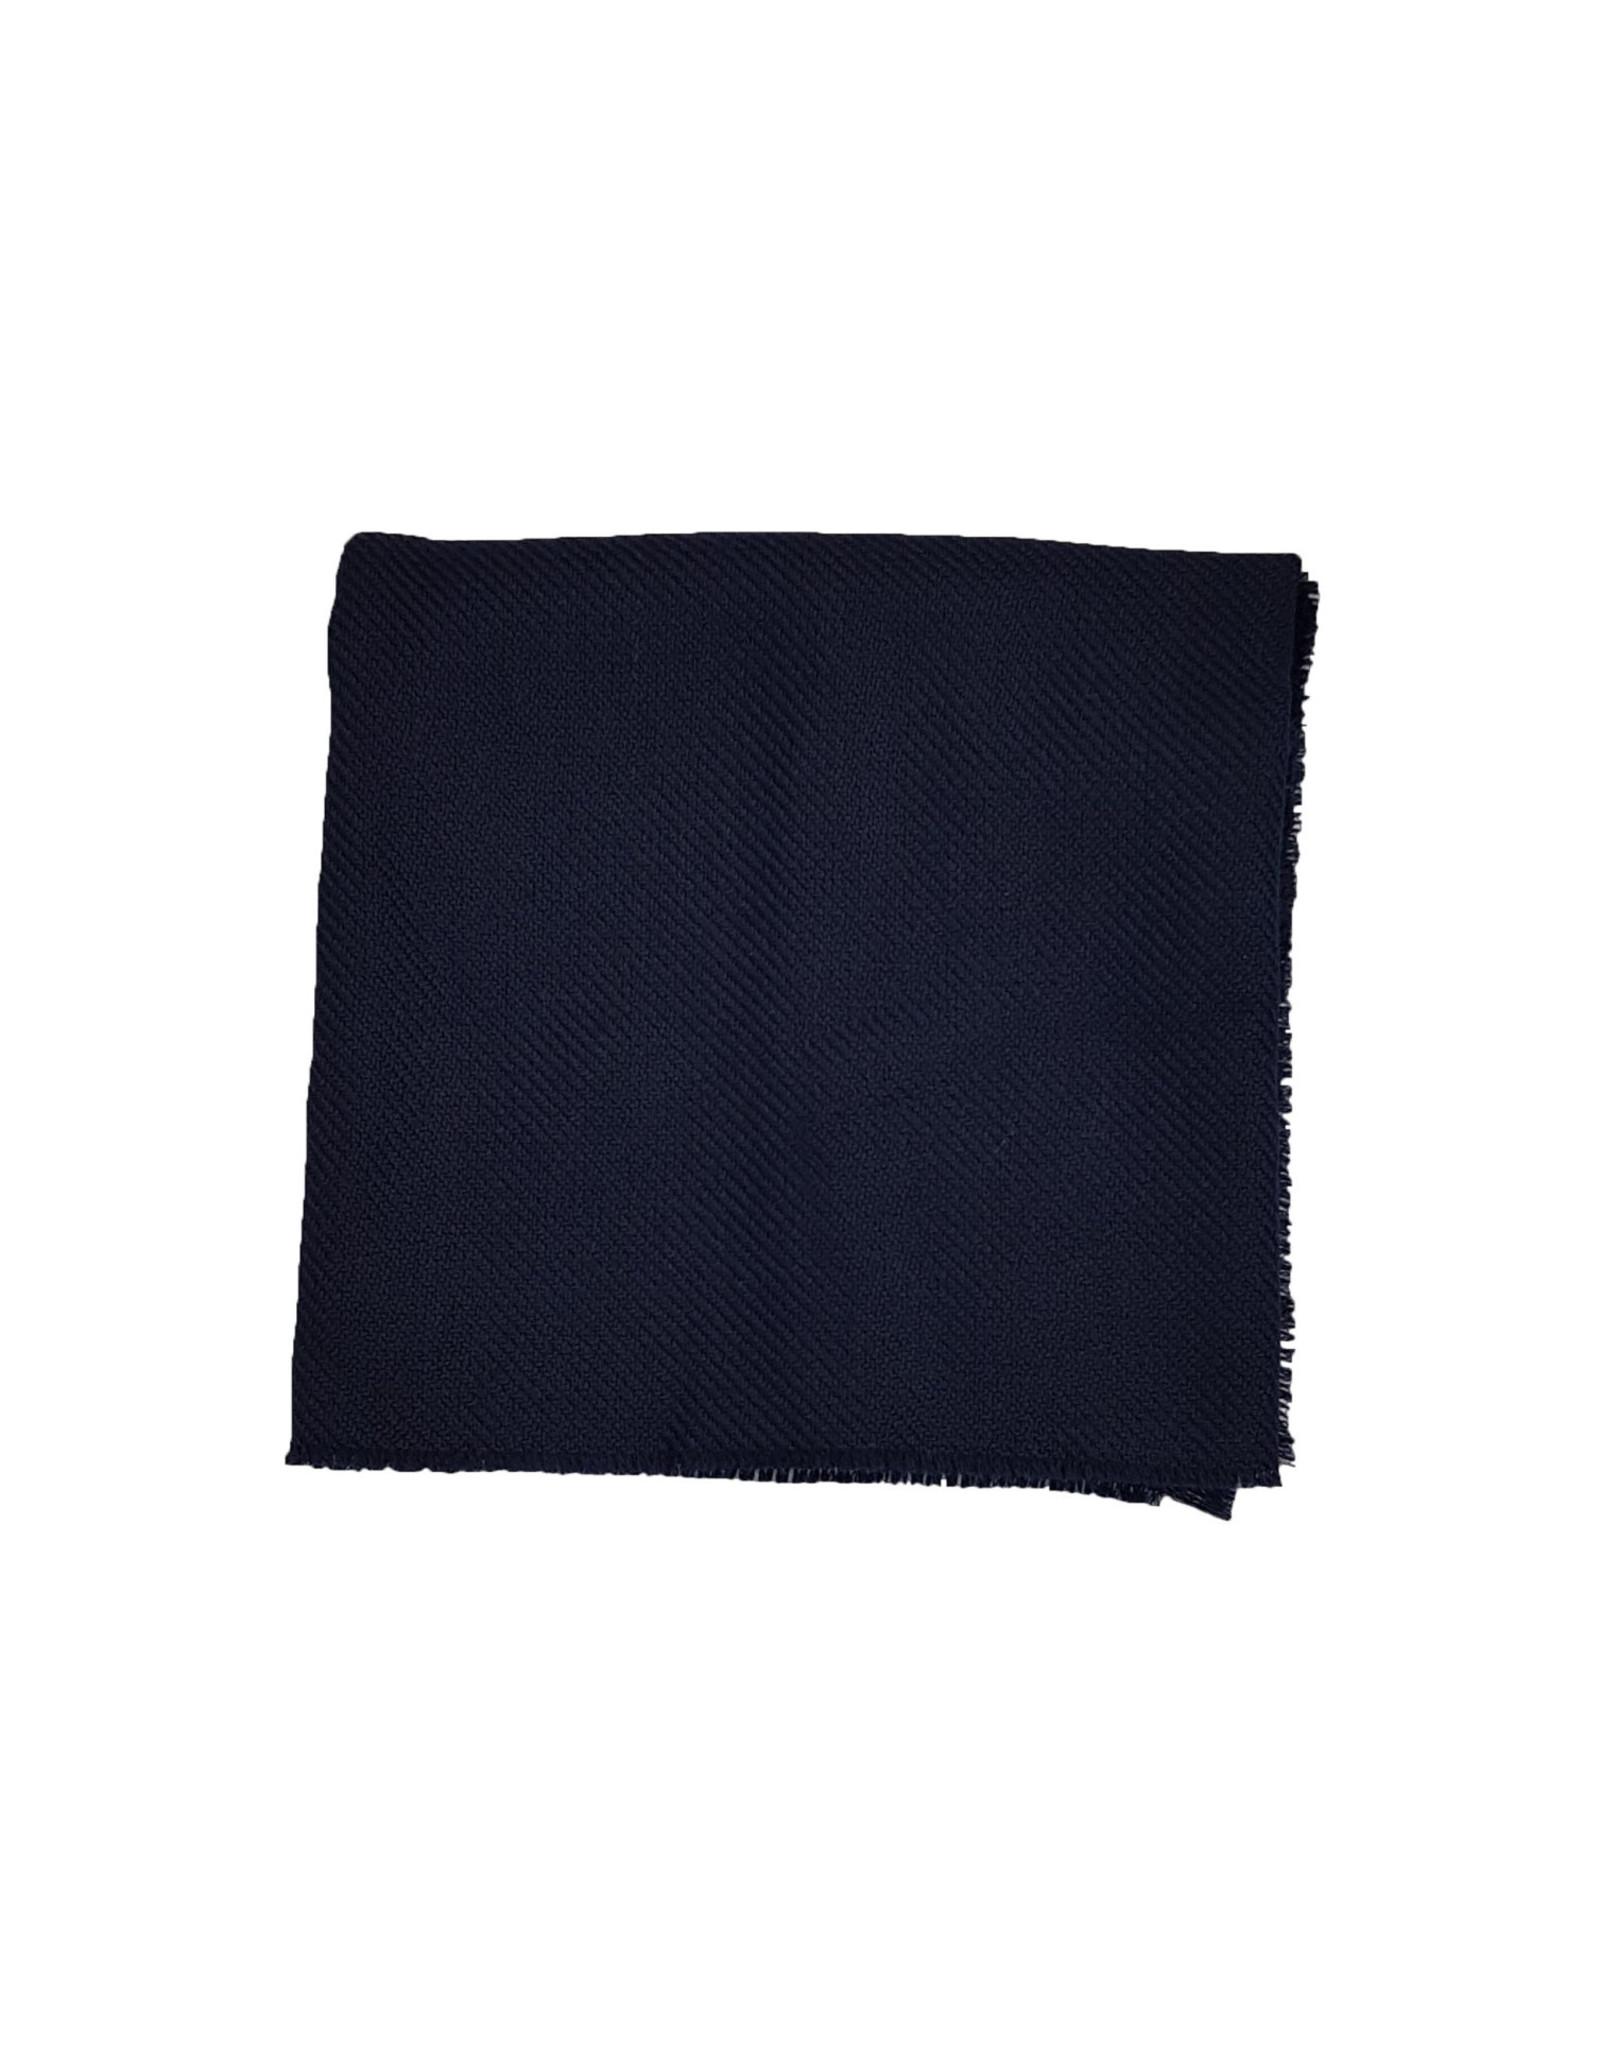 MA.AL.Bi MA.AL.BI sjaal donkerblauw 140-60